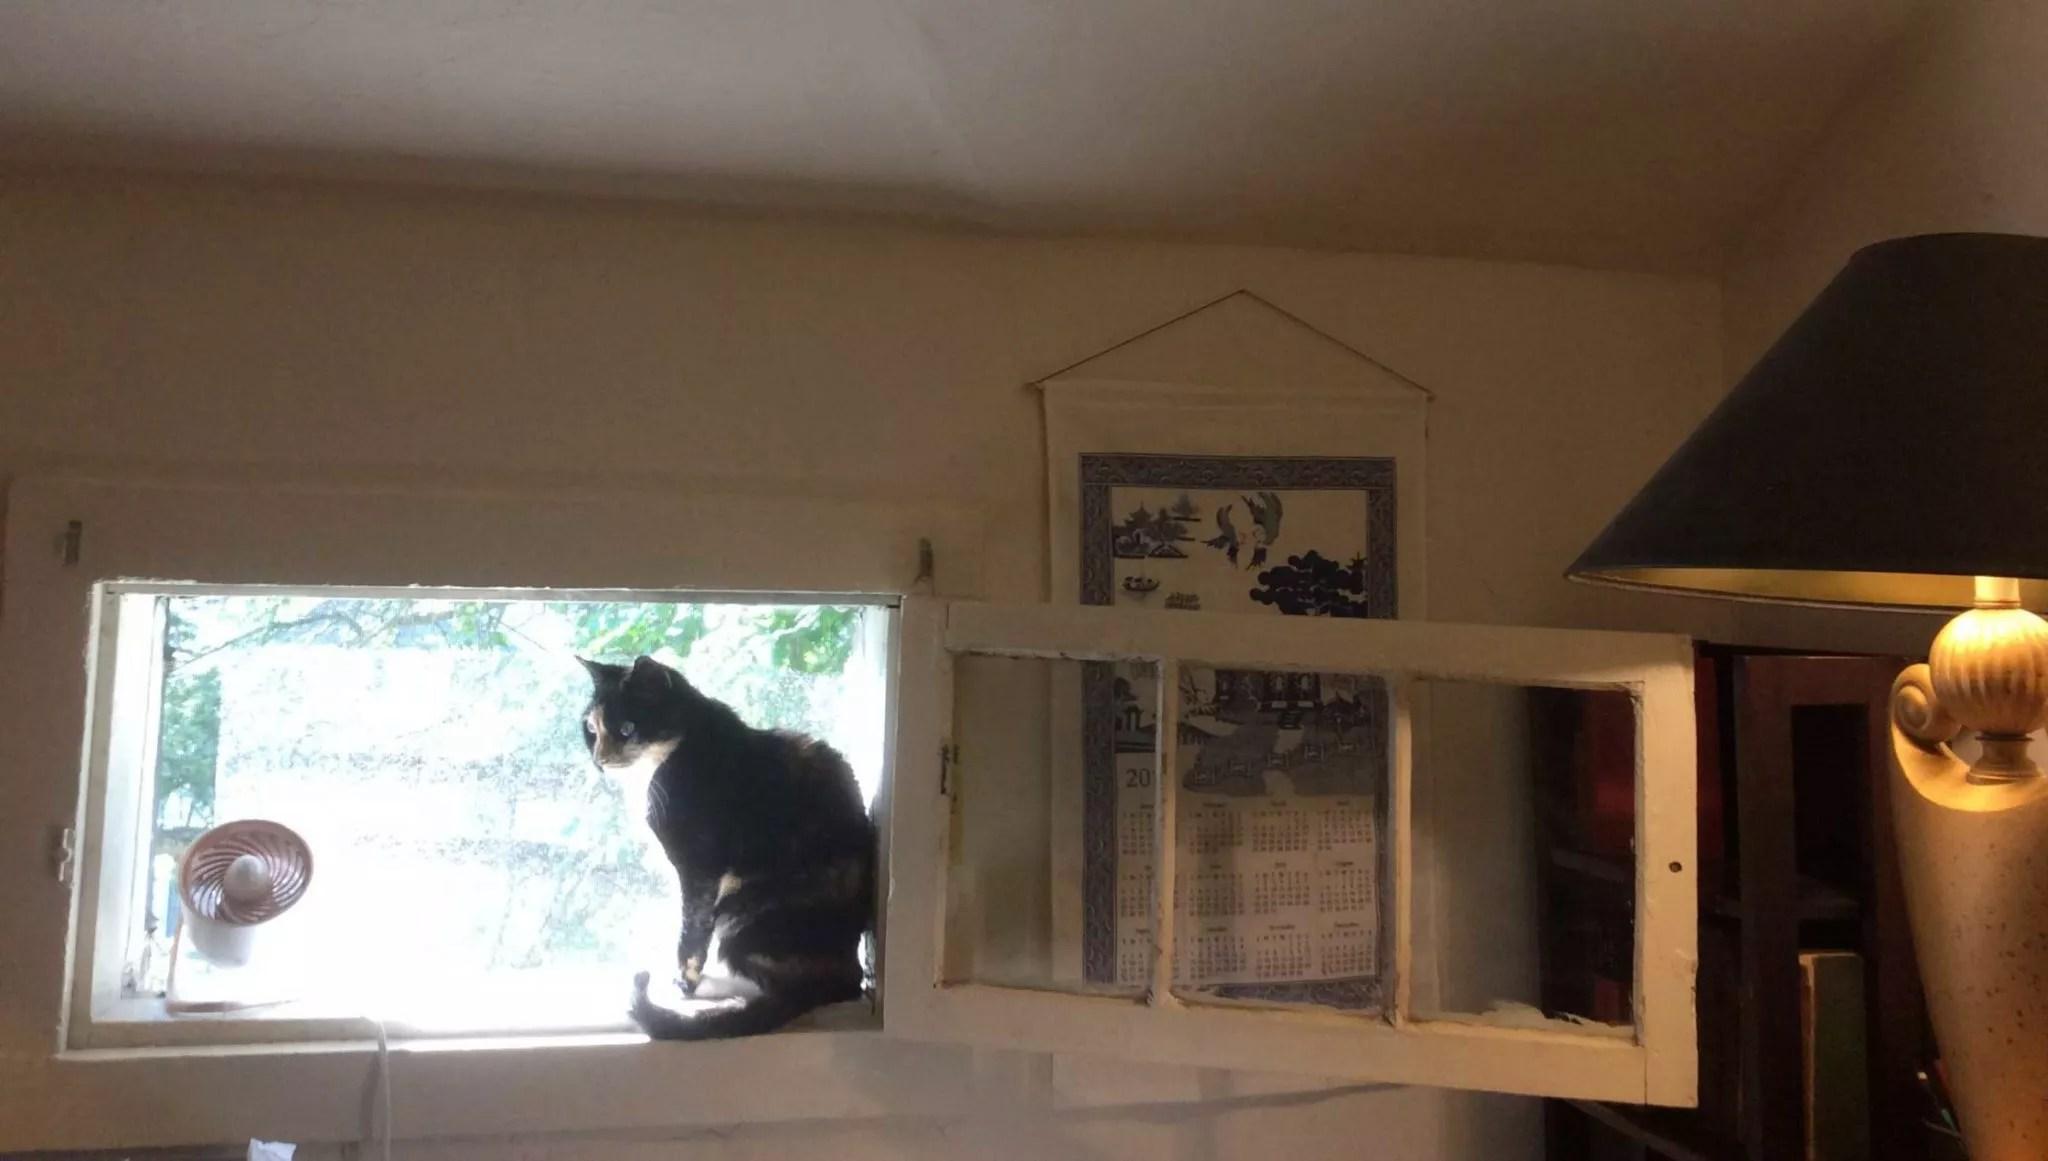 Mimi_window